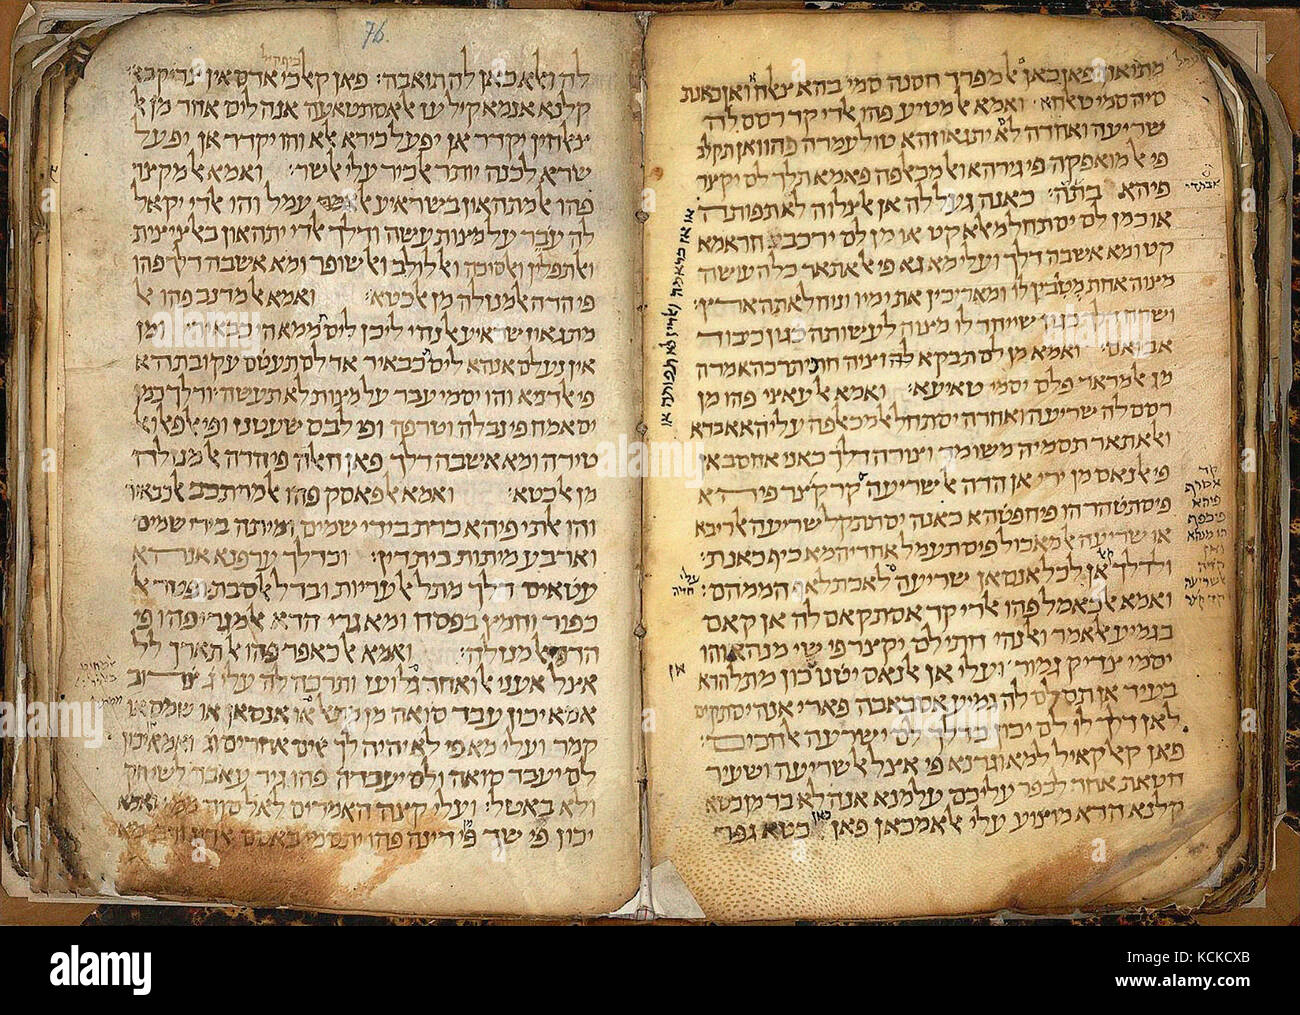 La Credenza In Filosofia : Libro di credenze e opinioni da saadia gaon un dodicesimo c